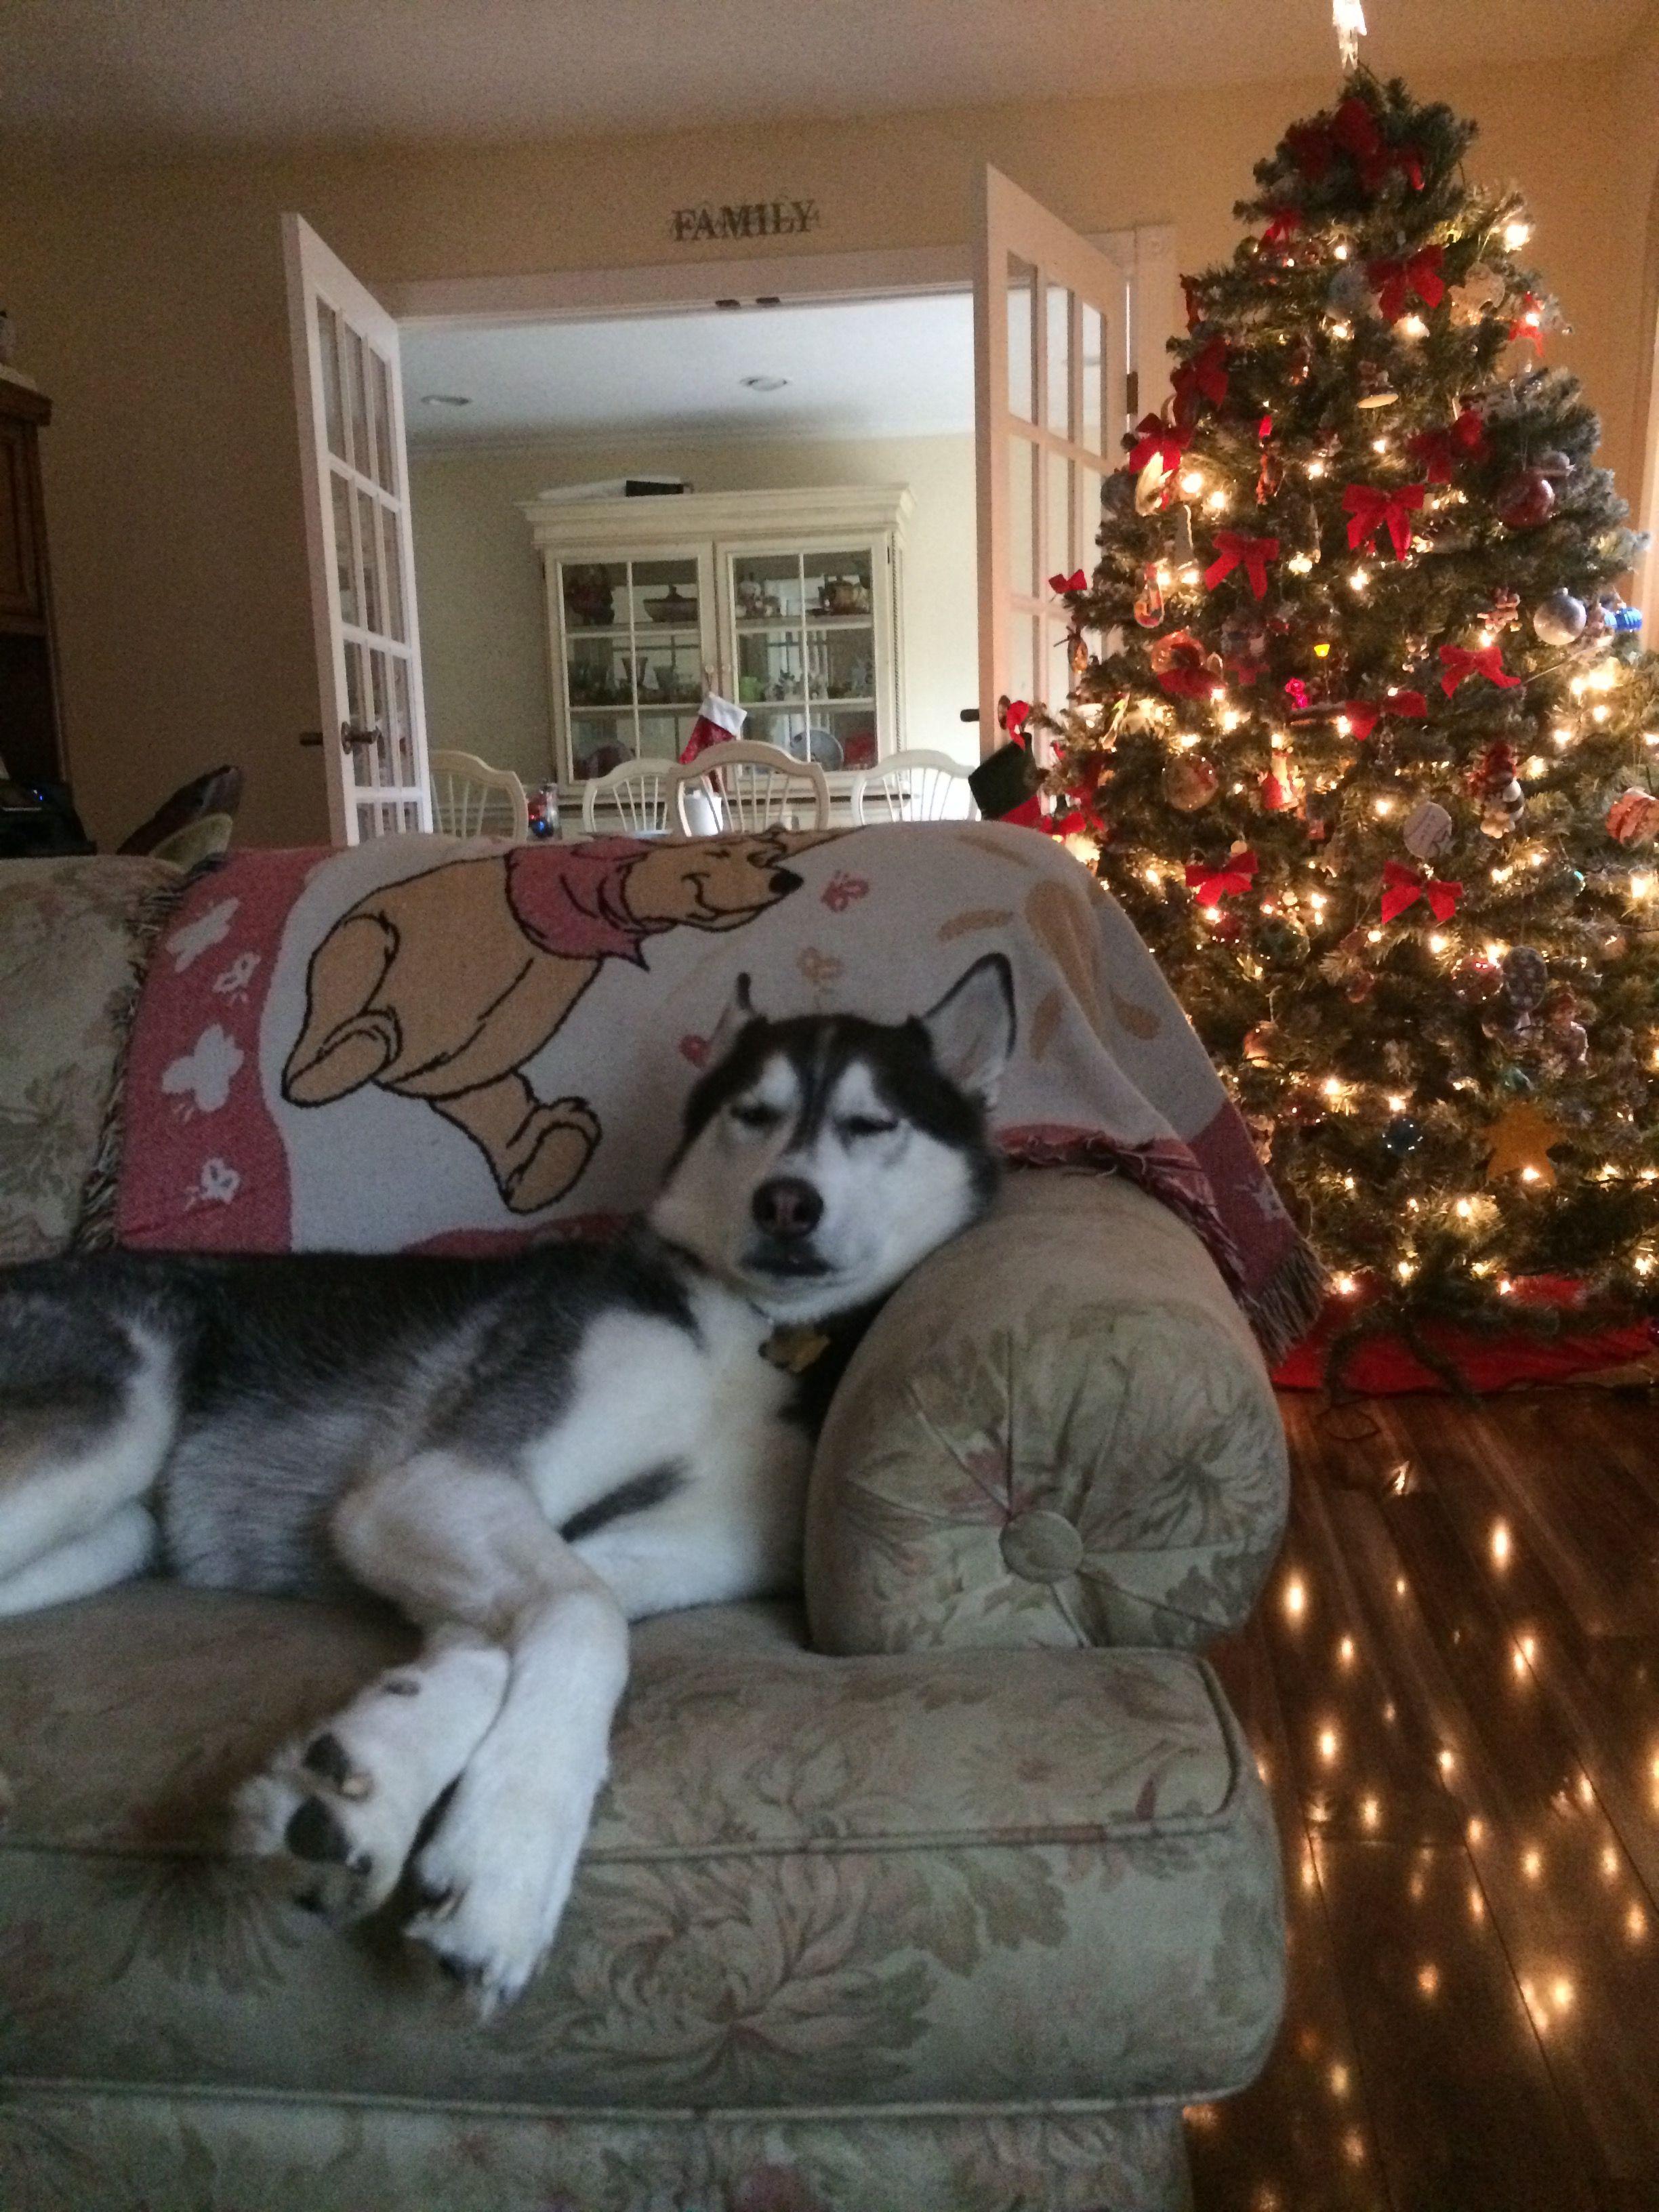 Beau, Christmas 2016